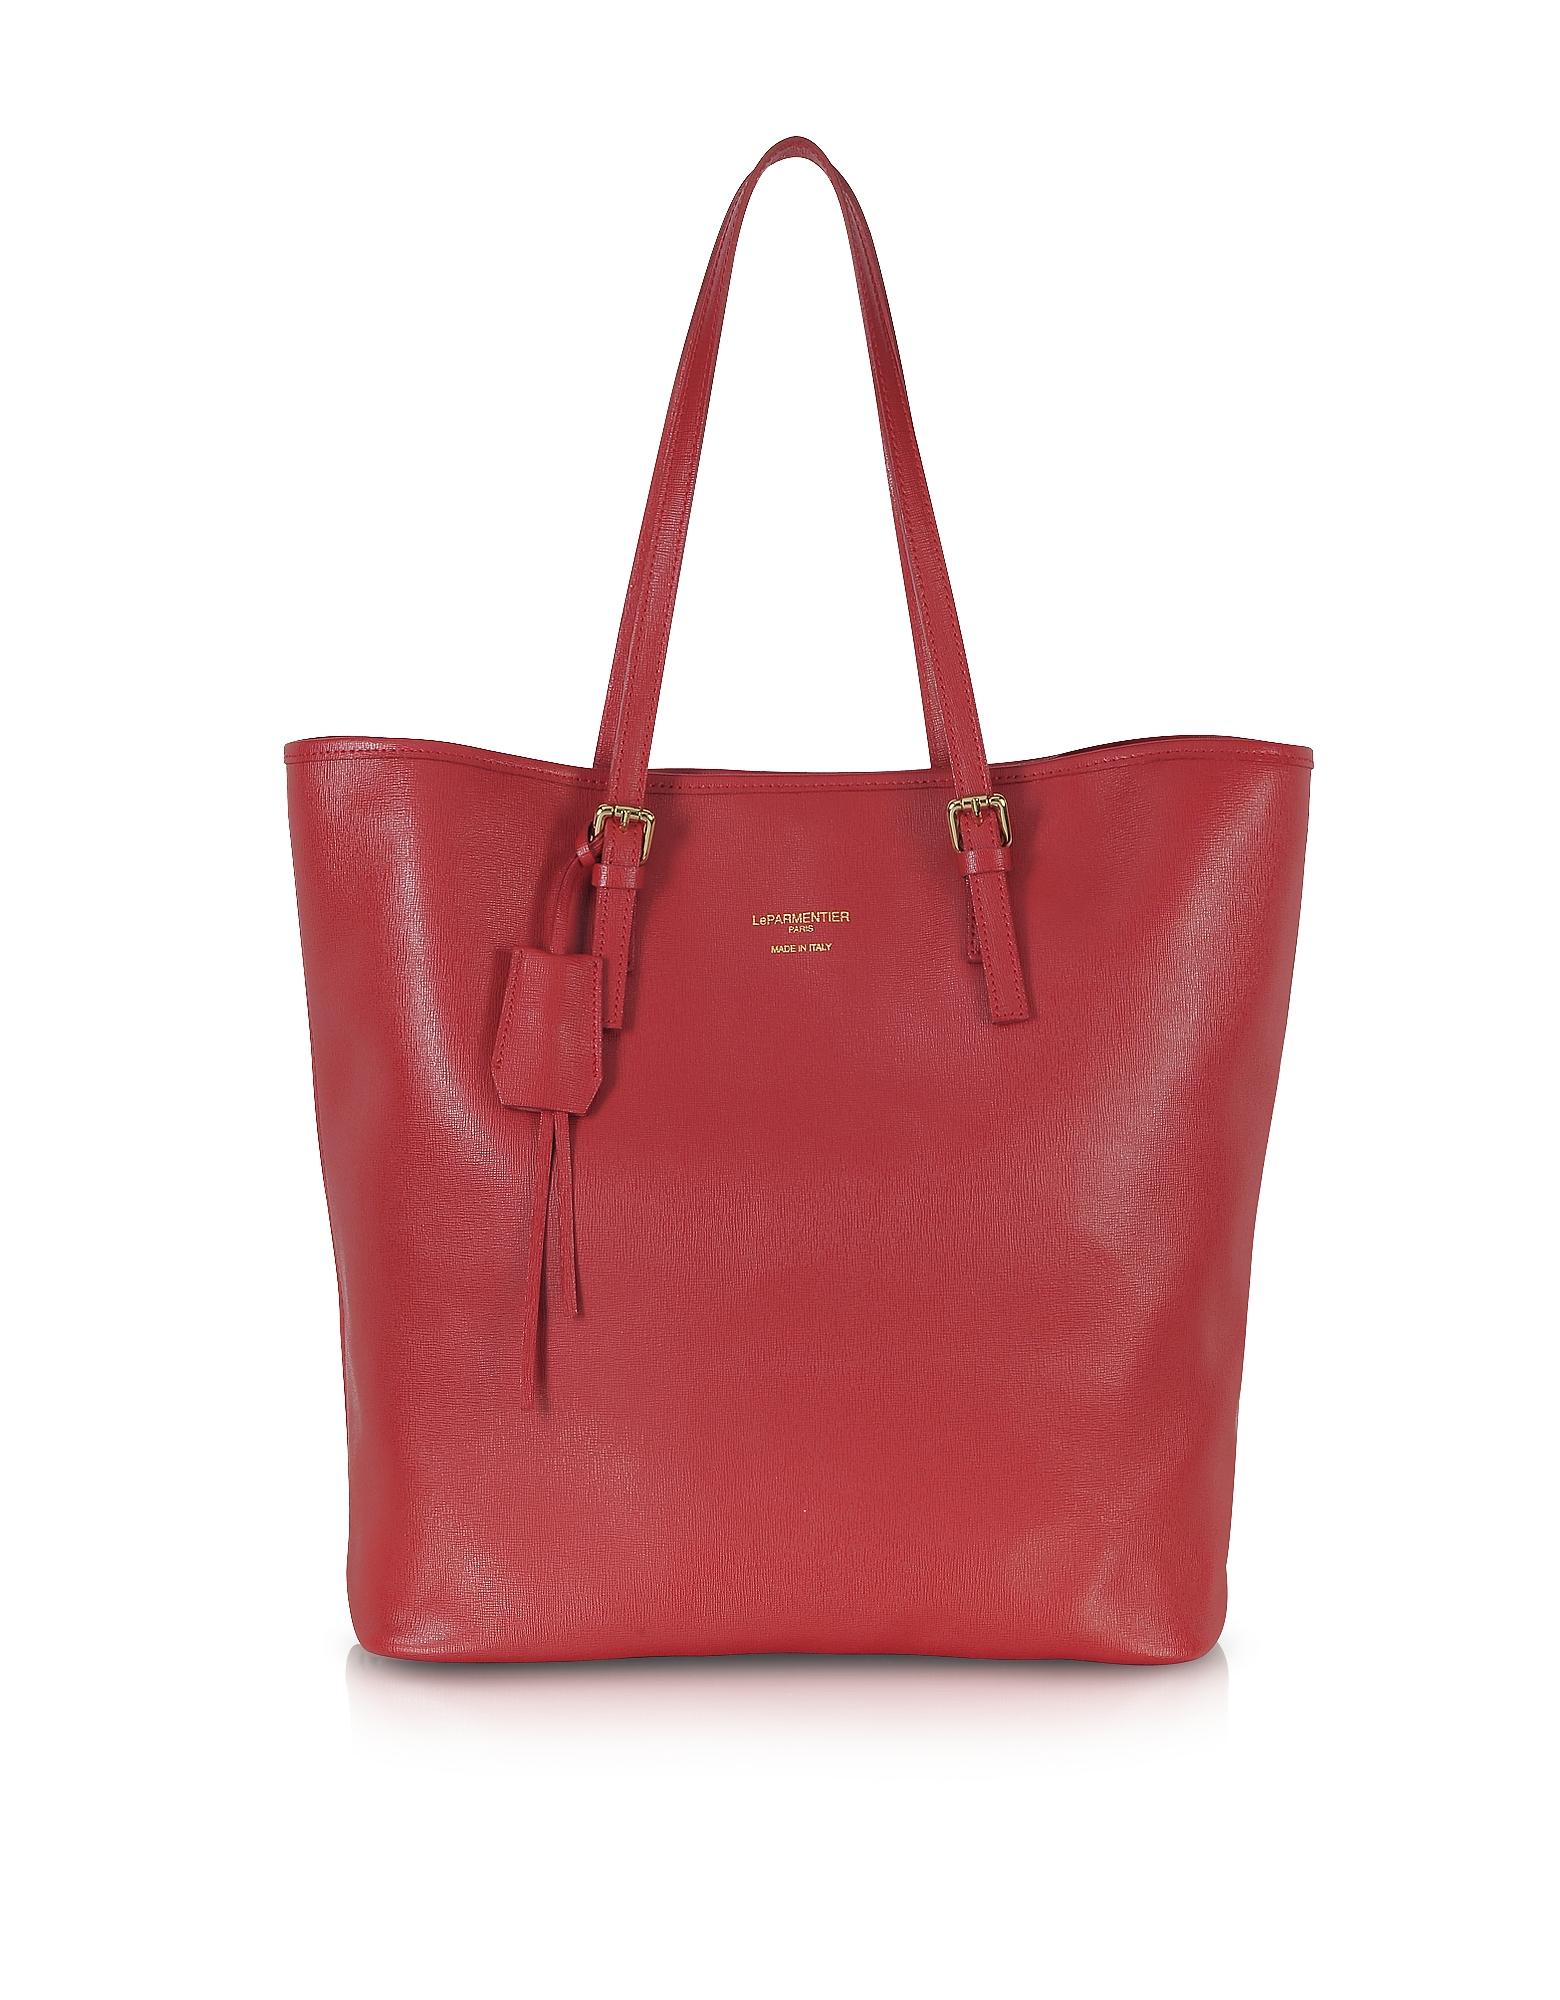 Le Parmentier Handbags, Large Saffiano Leather Tote